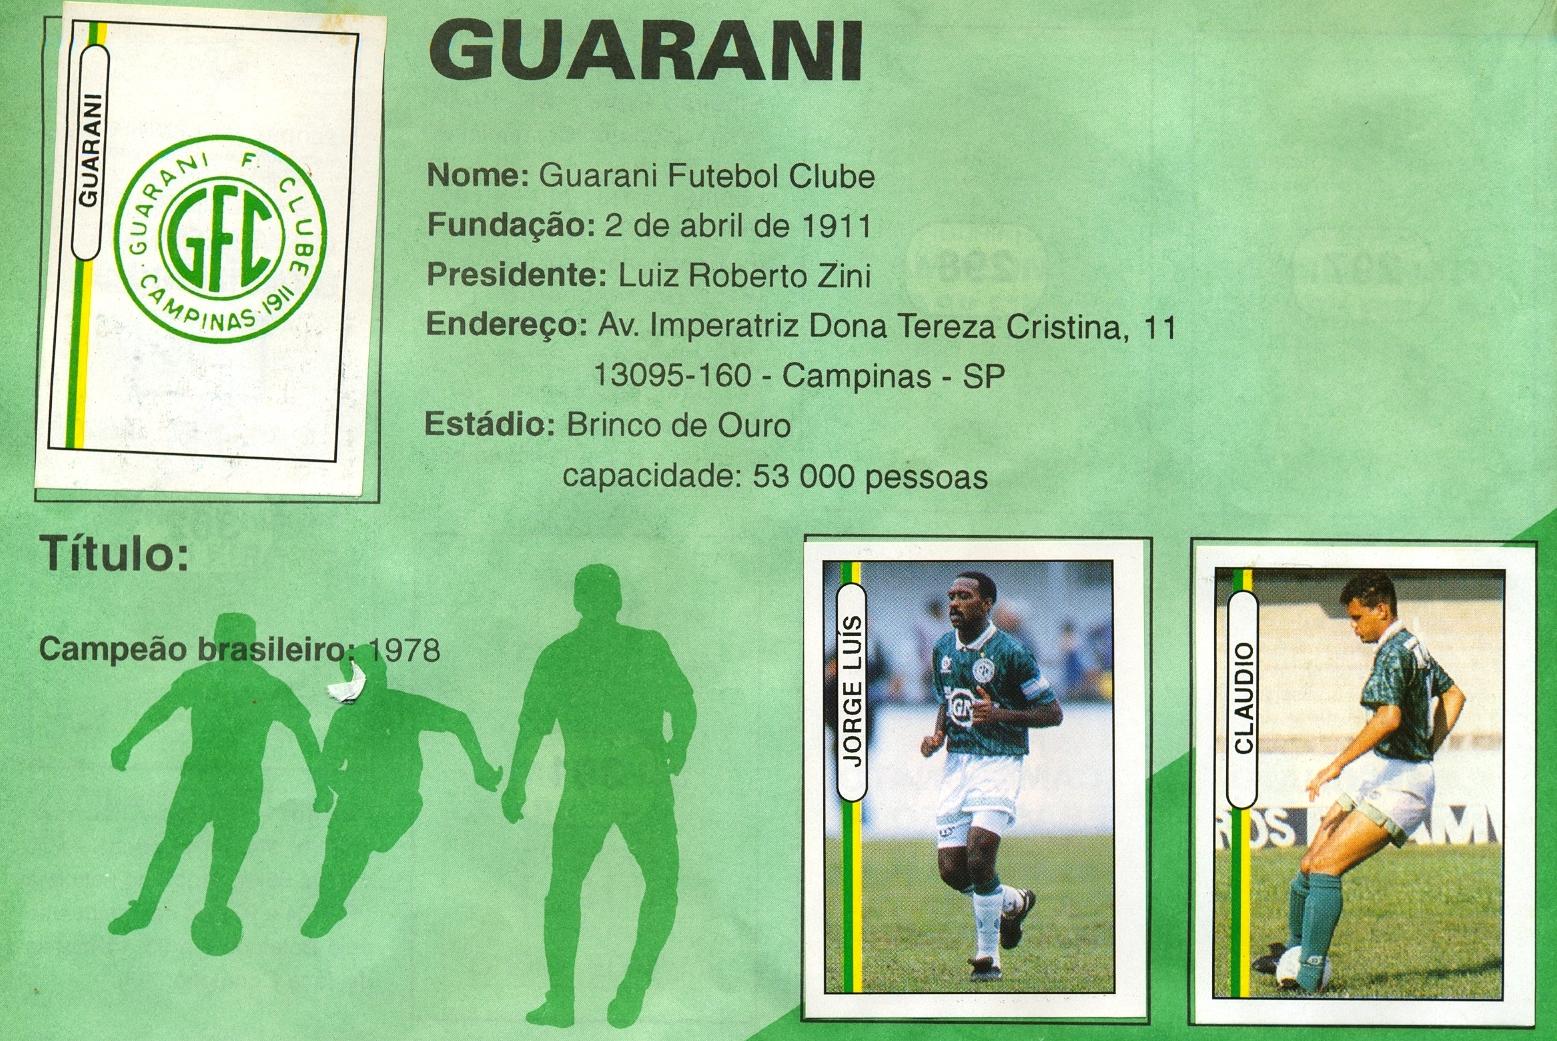 c1d070ba39 Futebola RJ  BATENDO BAFO - GUARANI 1994